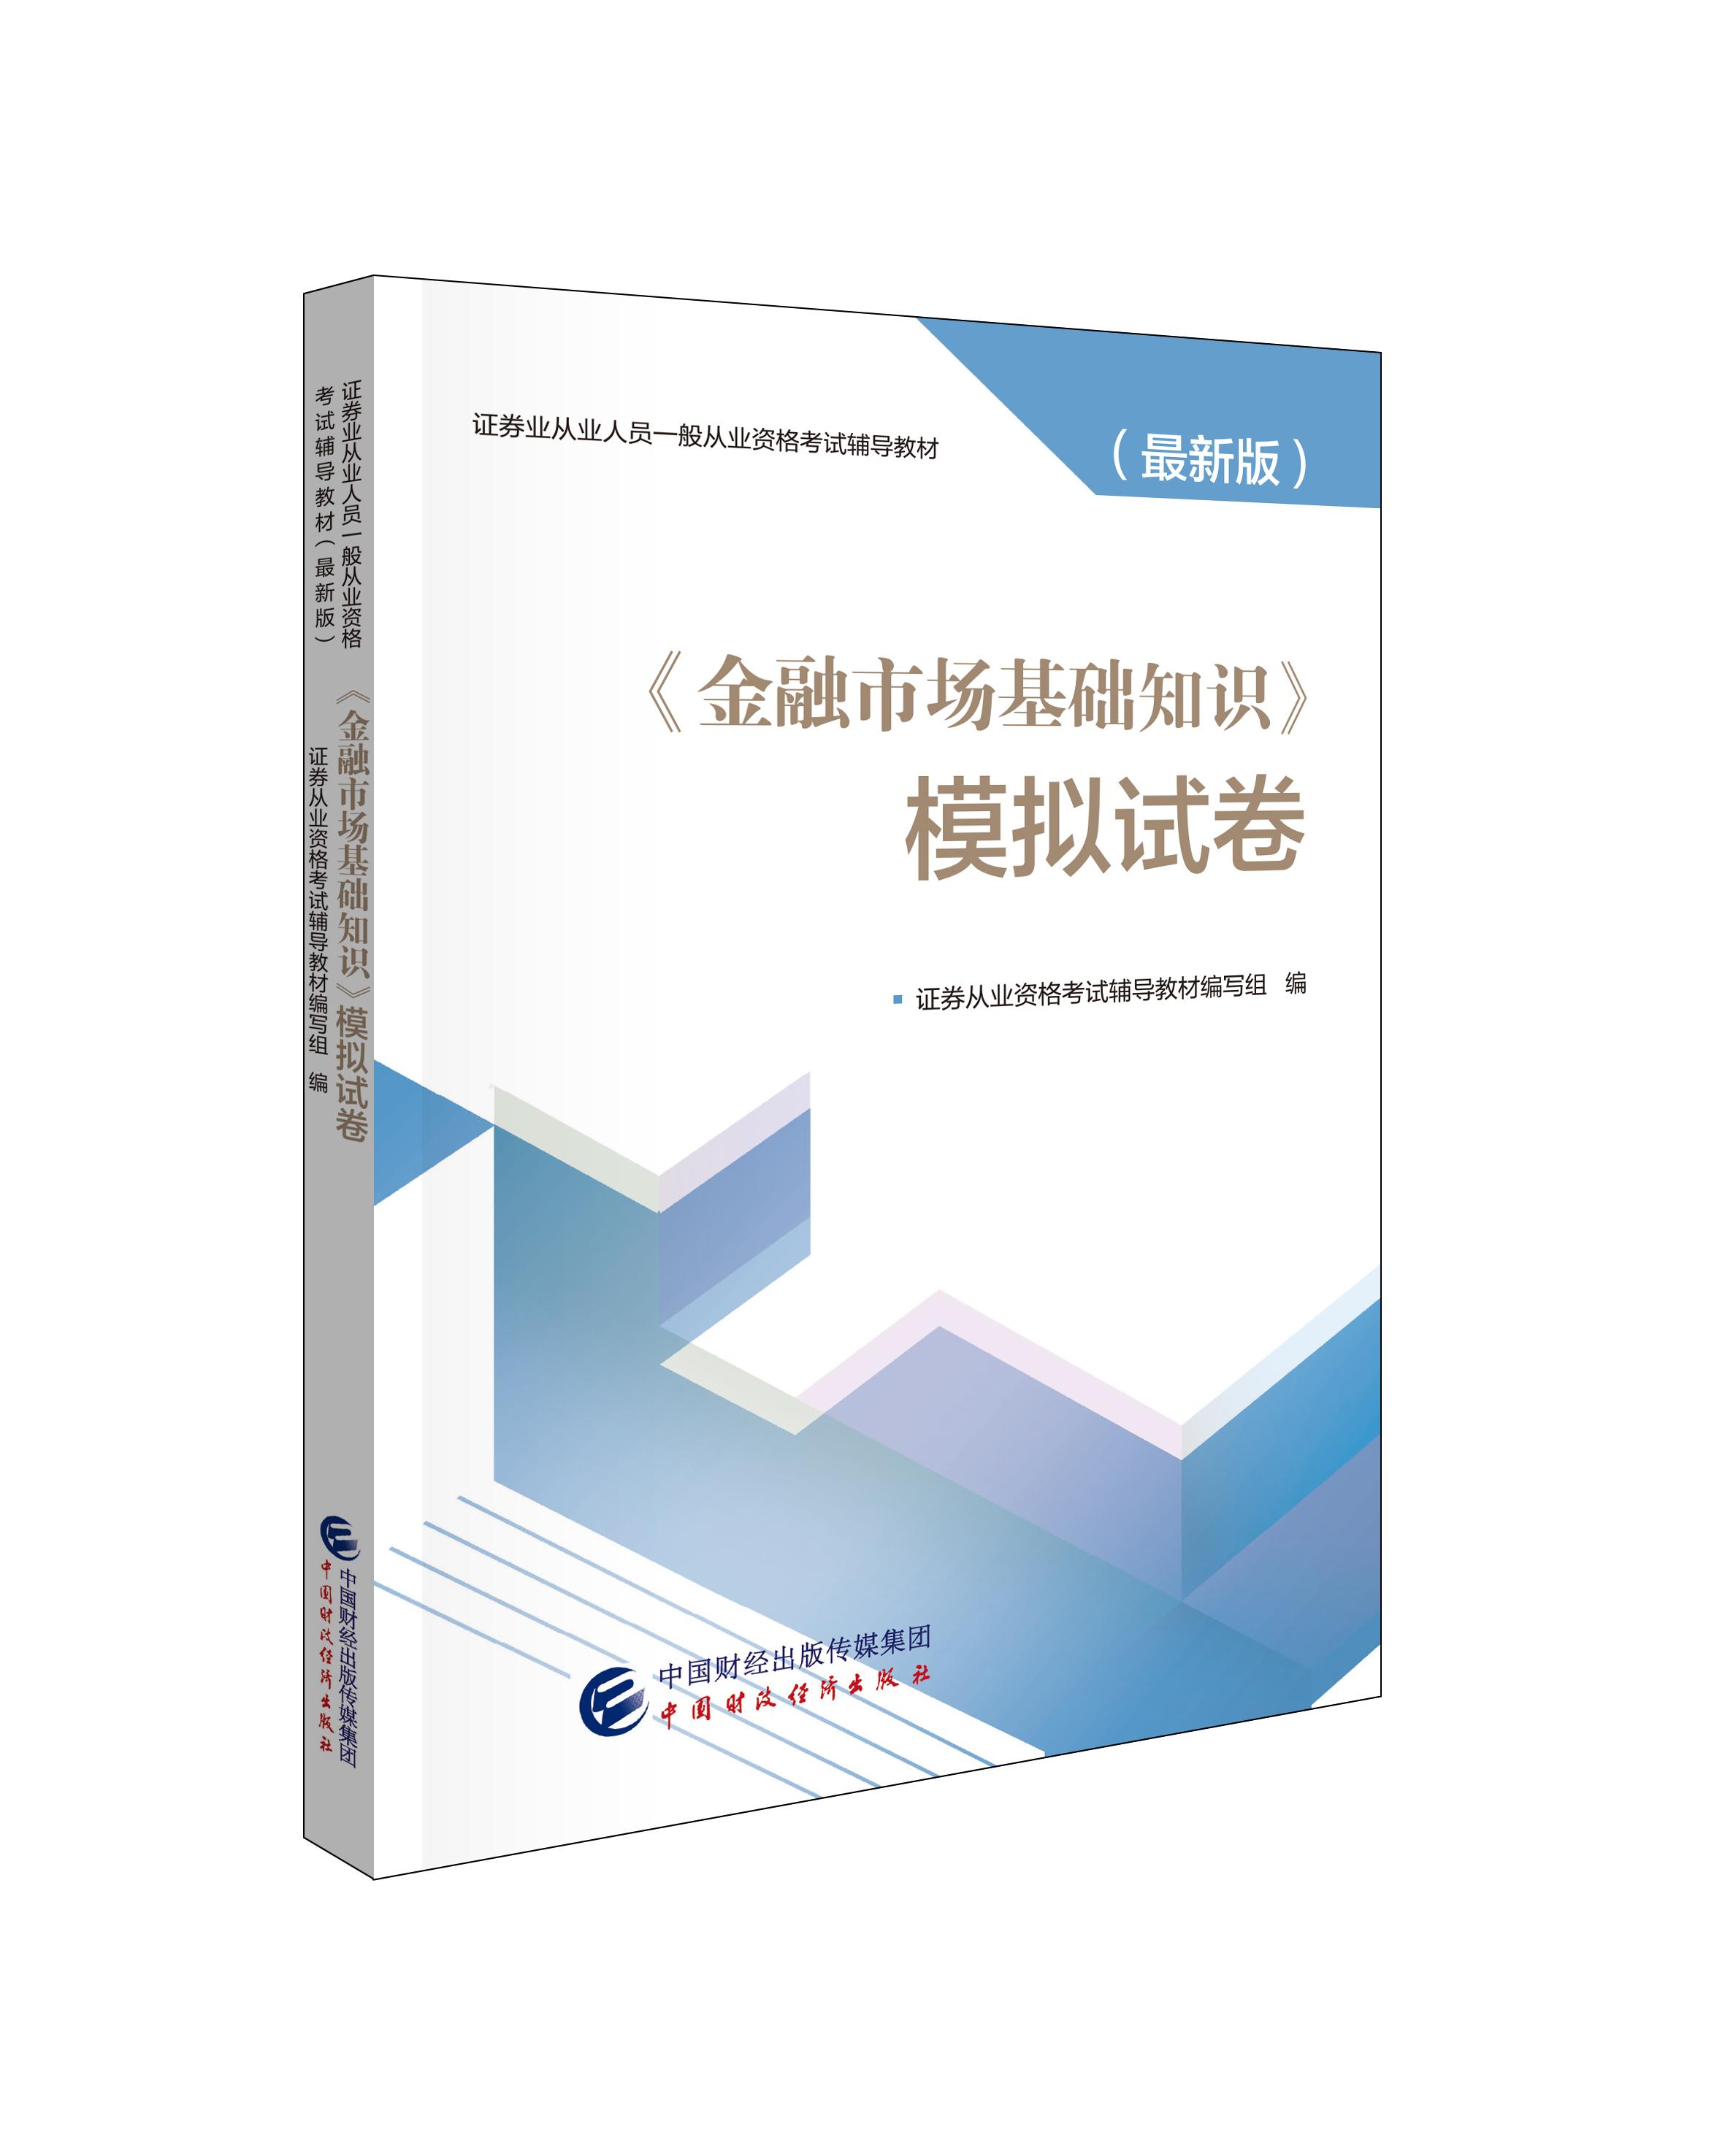 《金融市场基础知识》模拟试卷